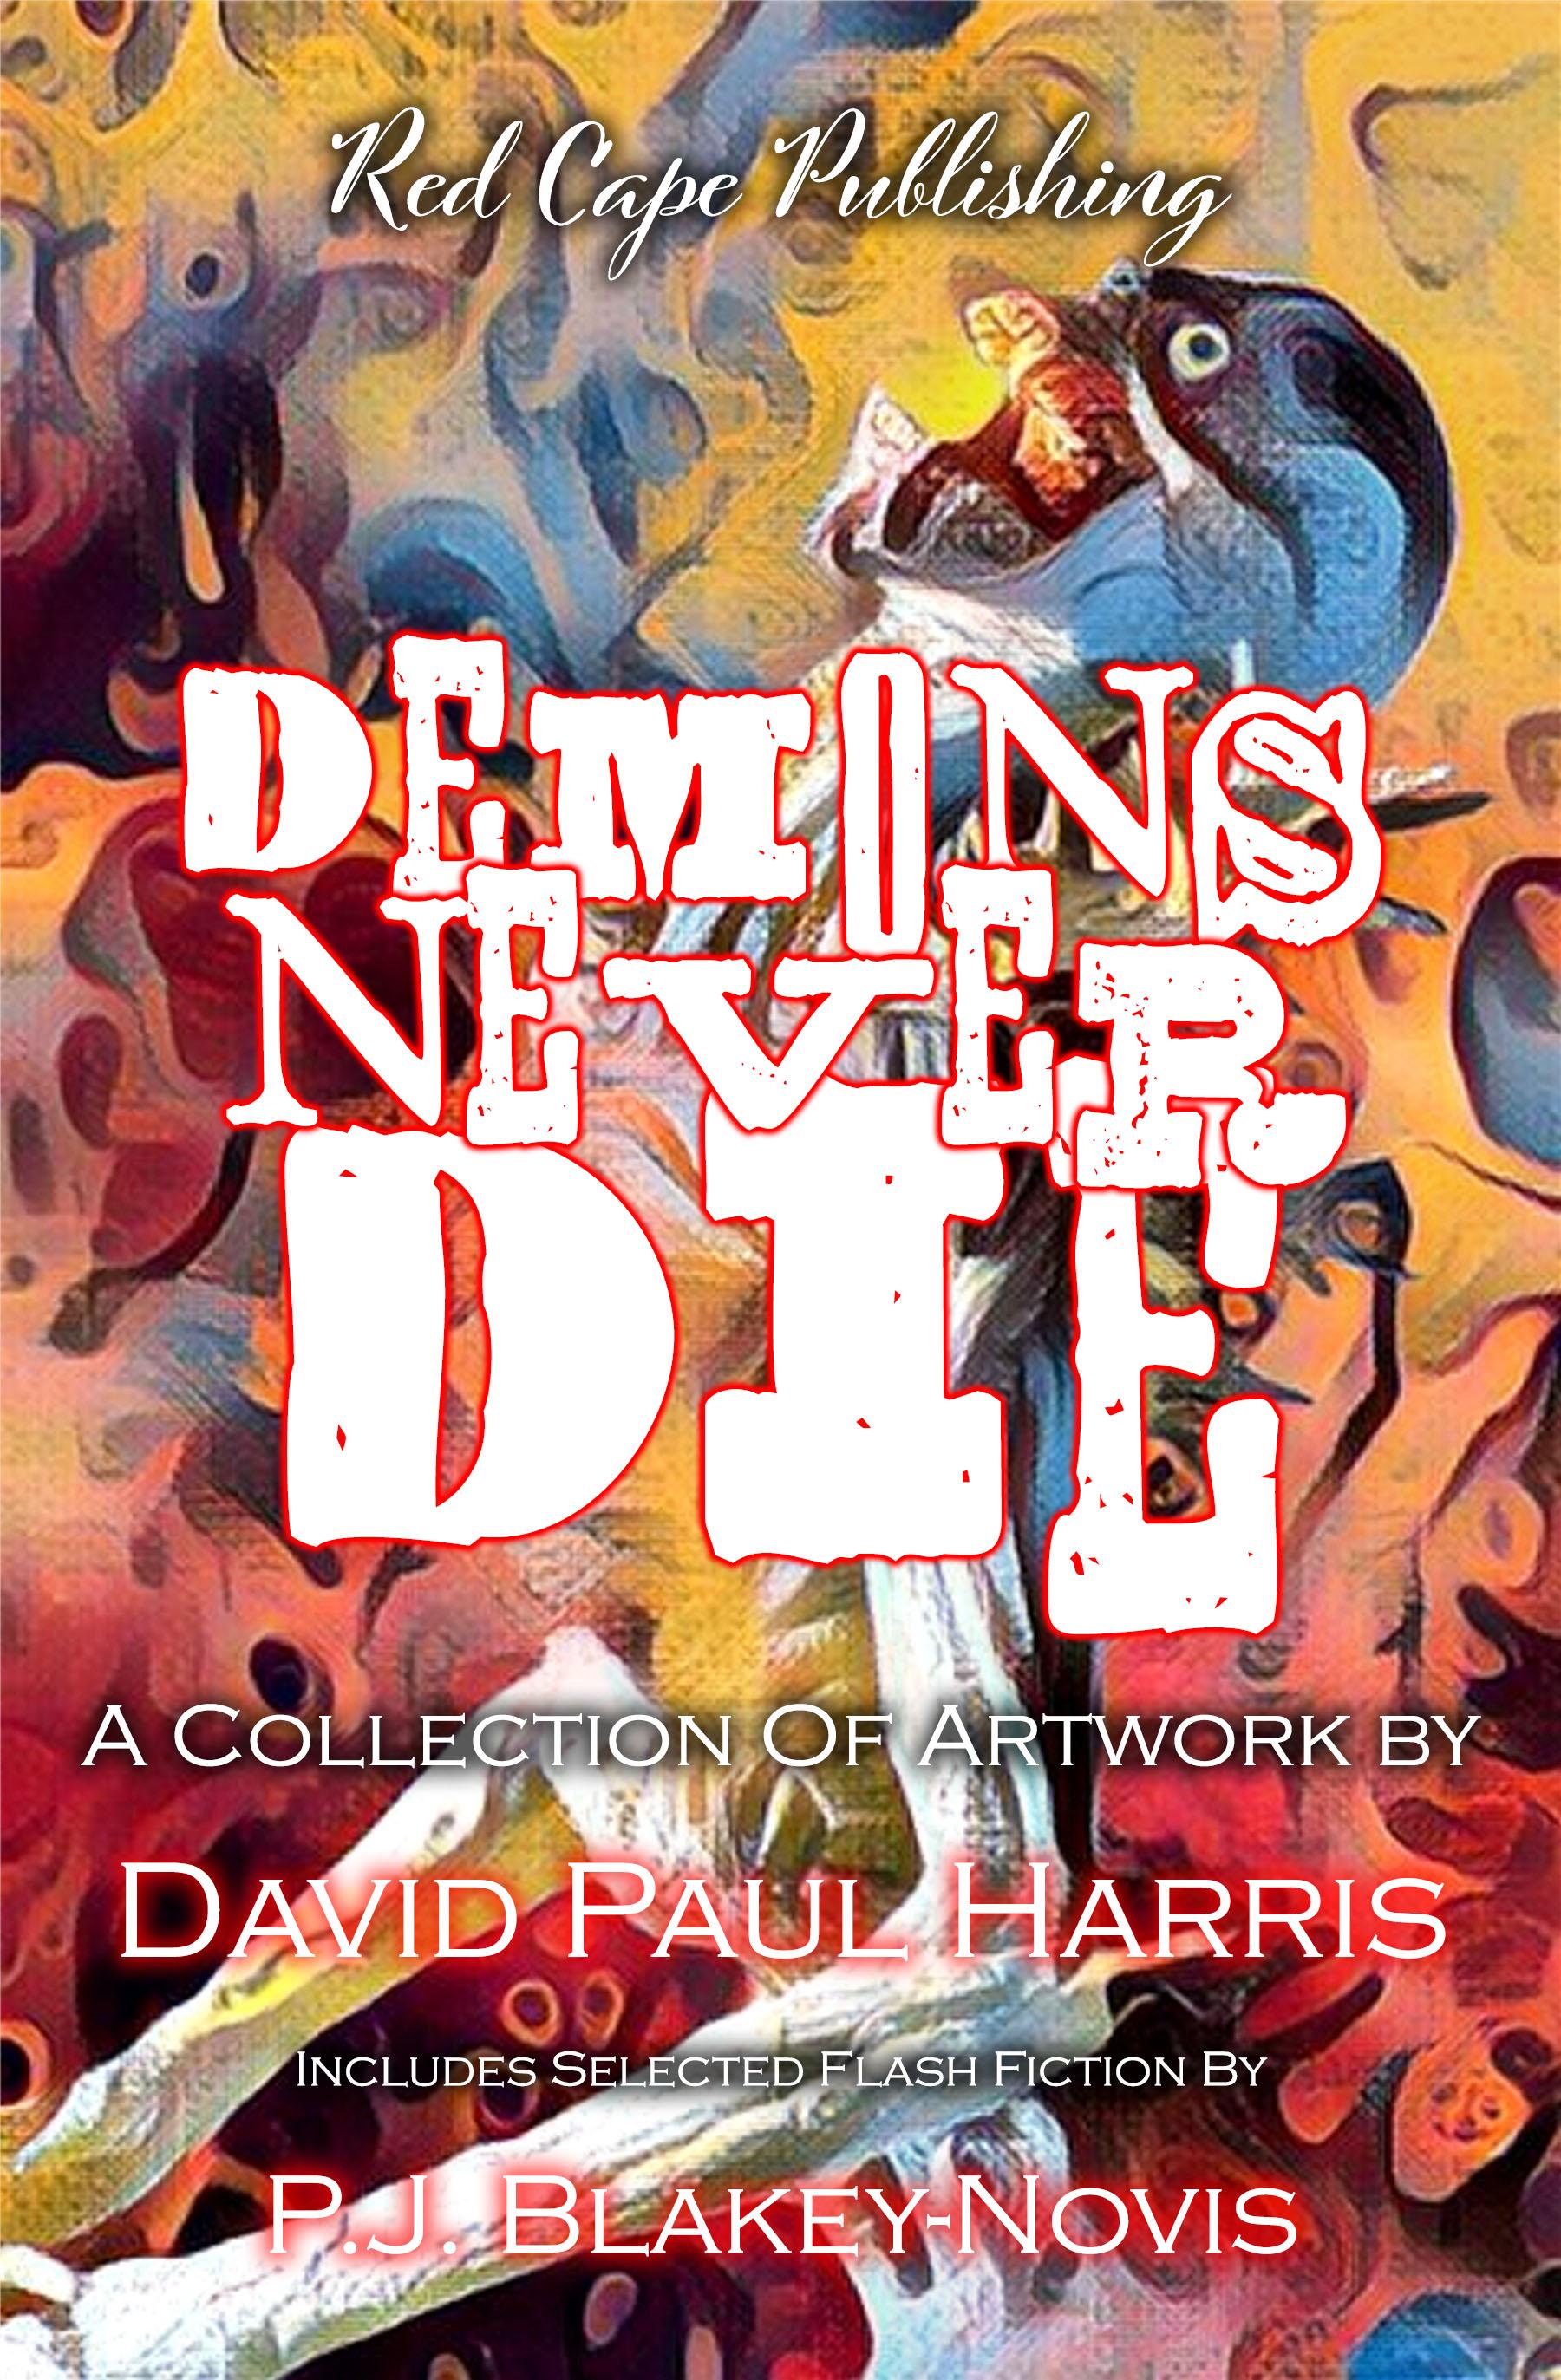 dnd-ebook-cover-1